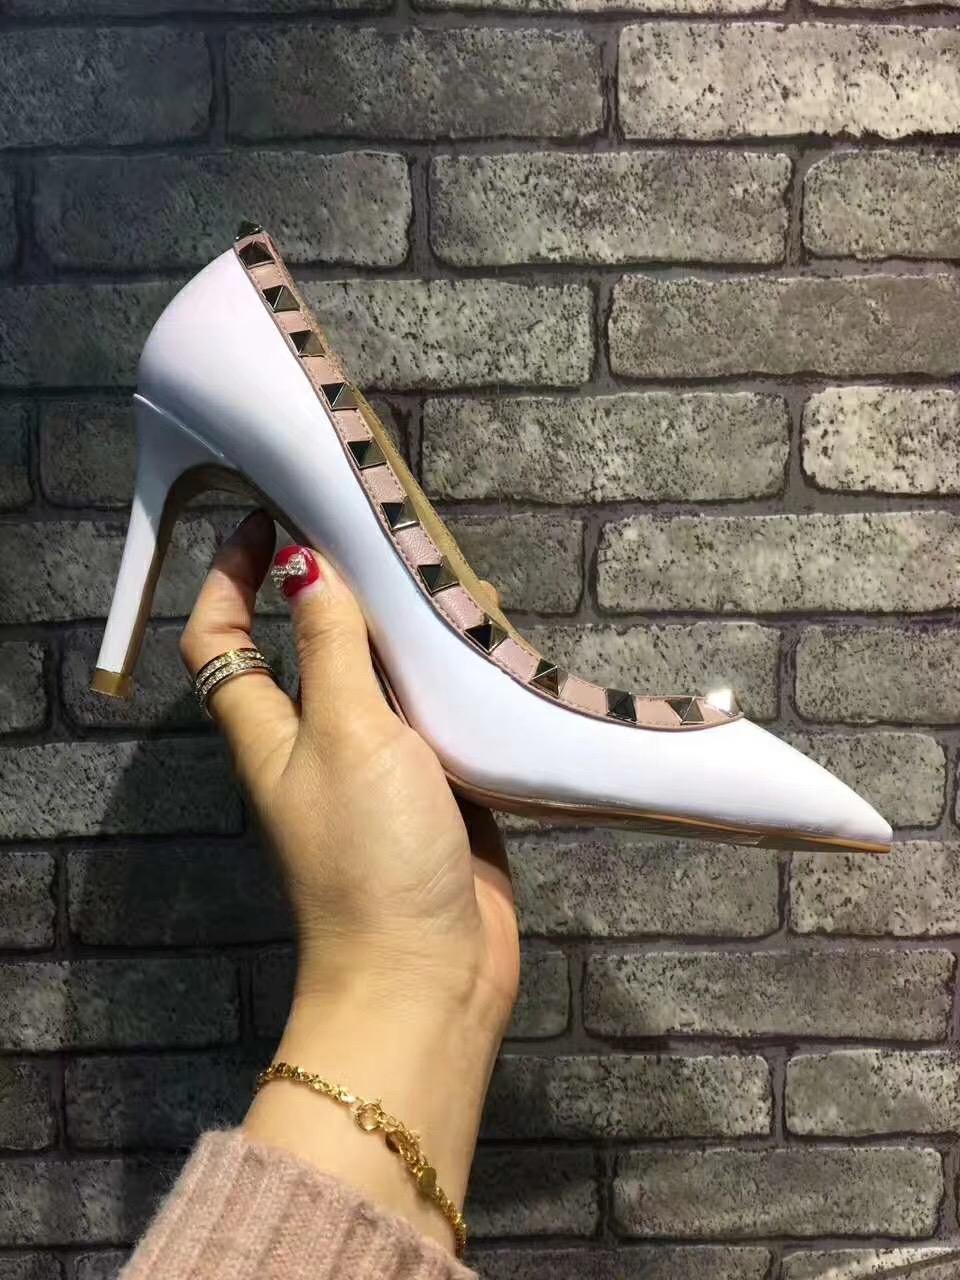 Venda-os quente novos saltos das mulheres, bens de luxo high-end do mundo, são para sempre nova, 5 cor e alta tamanho 34-42 8.5cm.